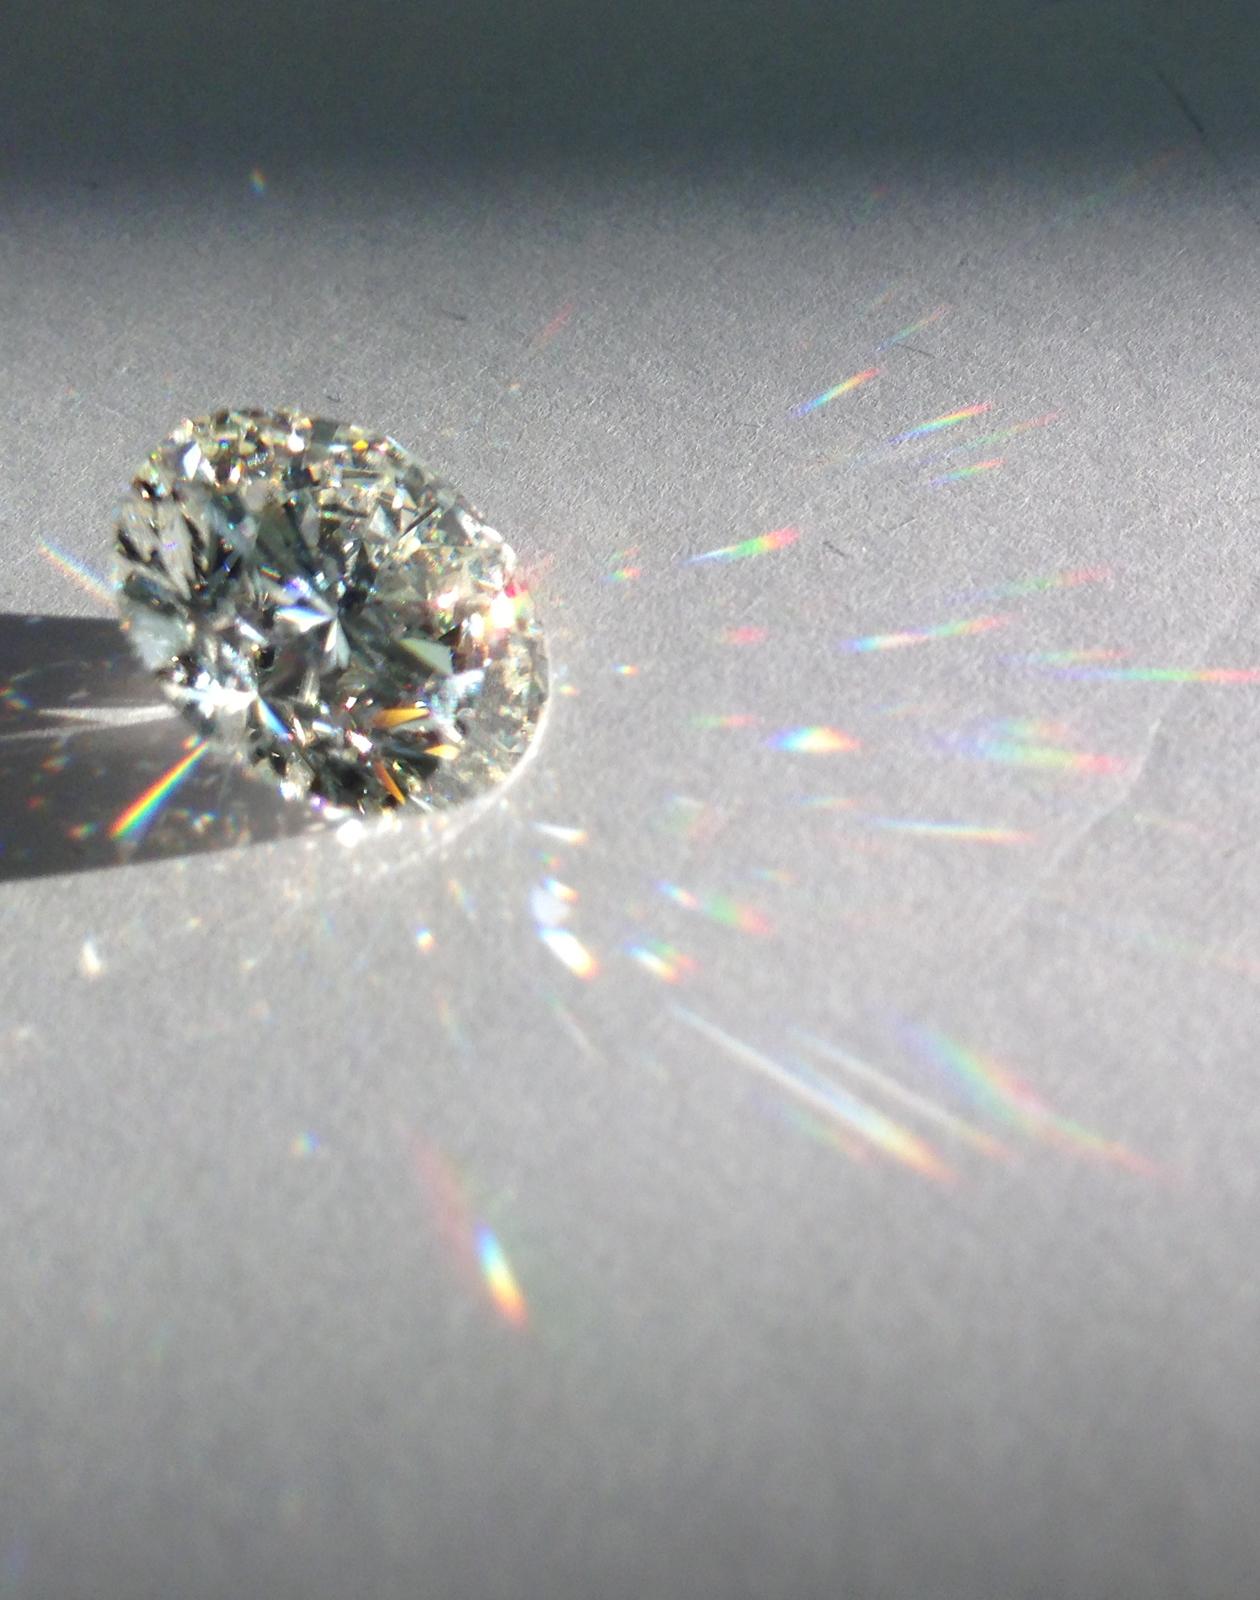 Round diffraction